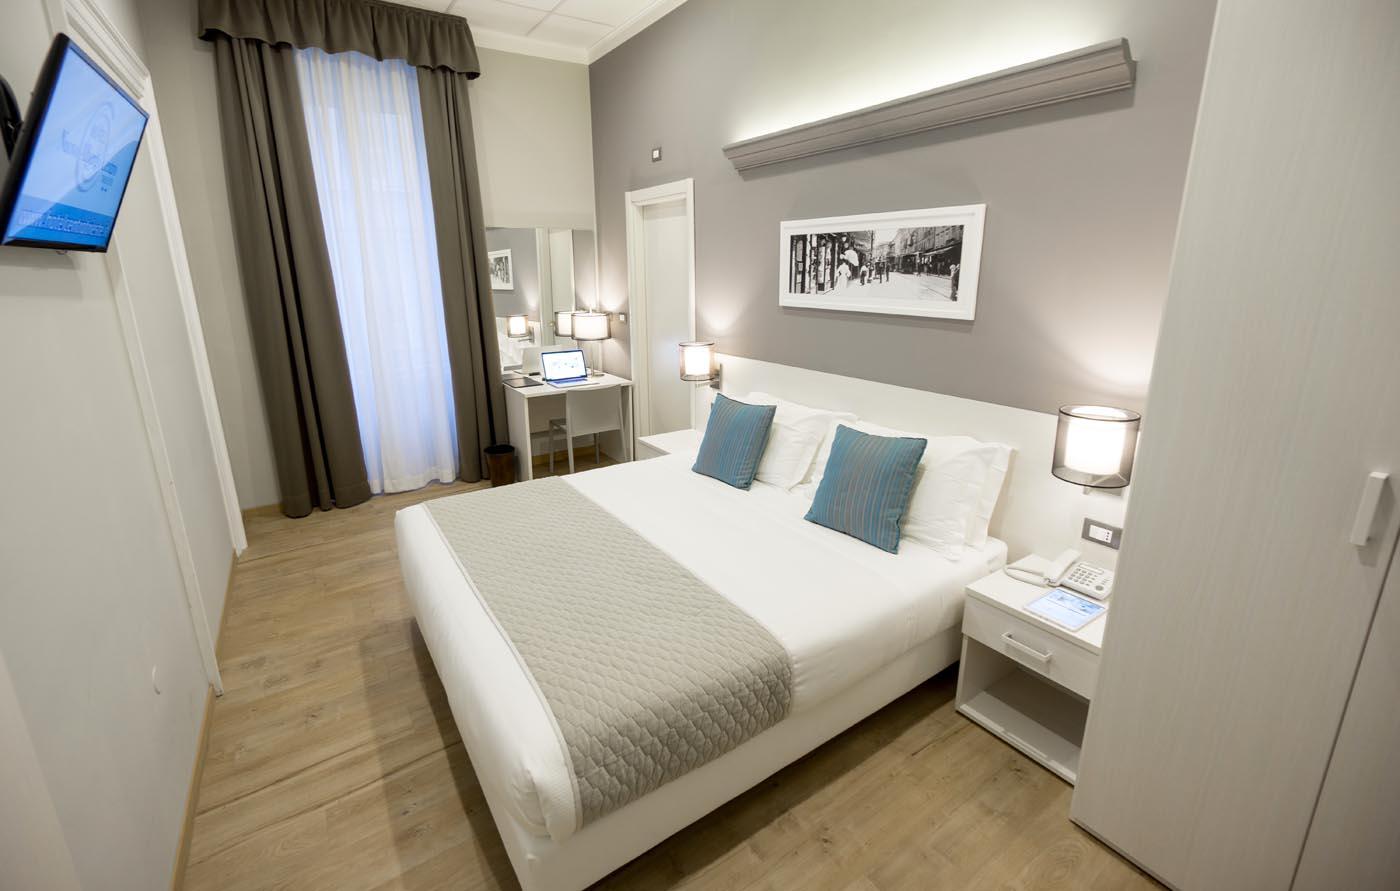 Hotel nuovo albergo centro trieste sito ufficiale for Subito it arredamento trieste